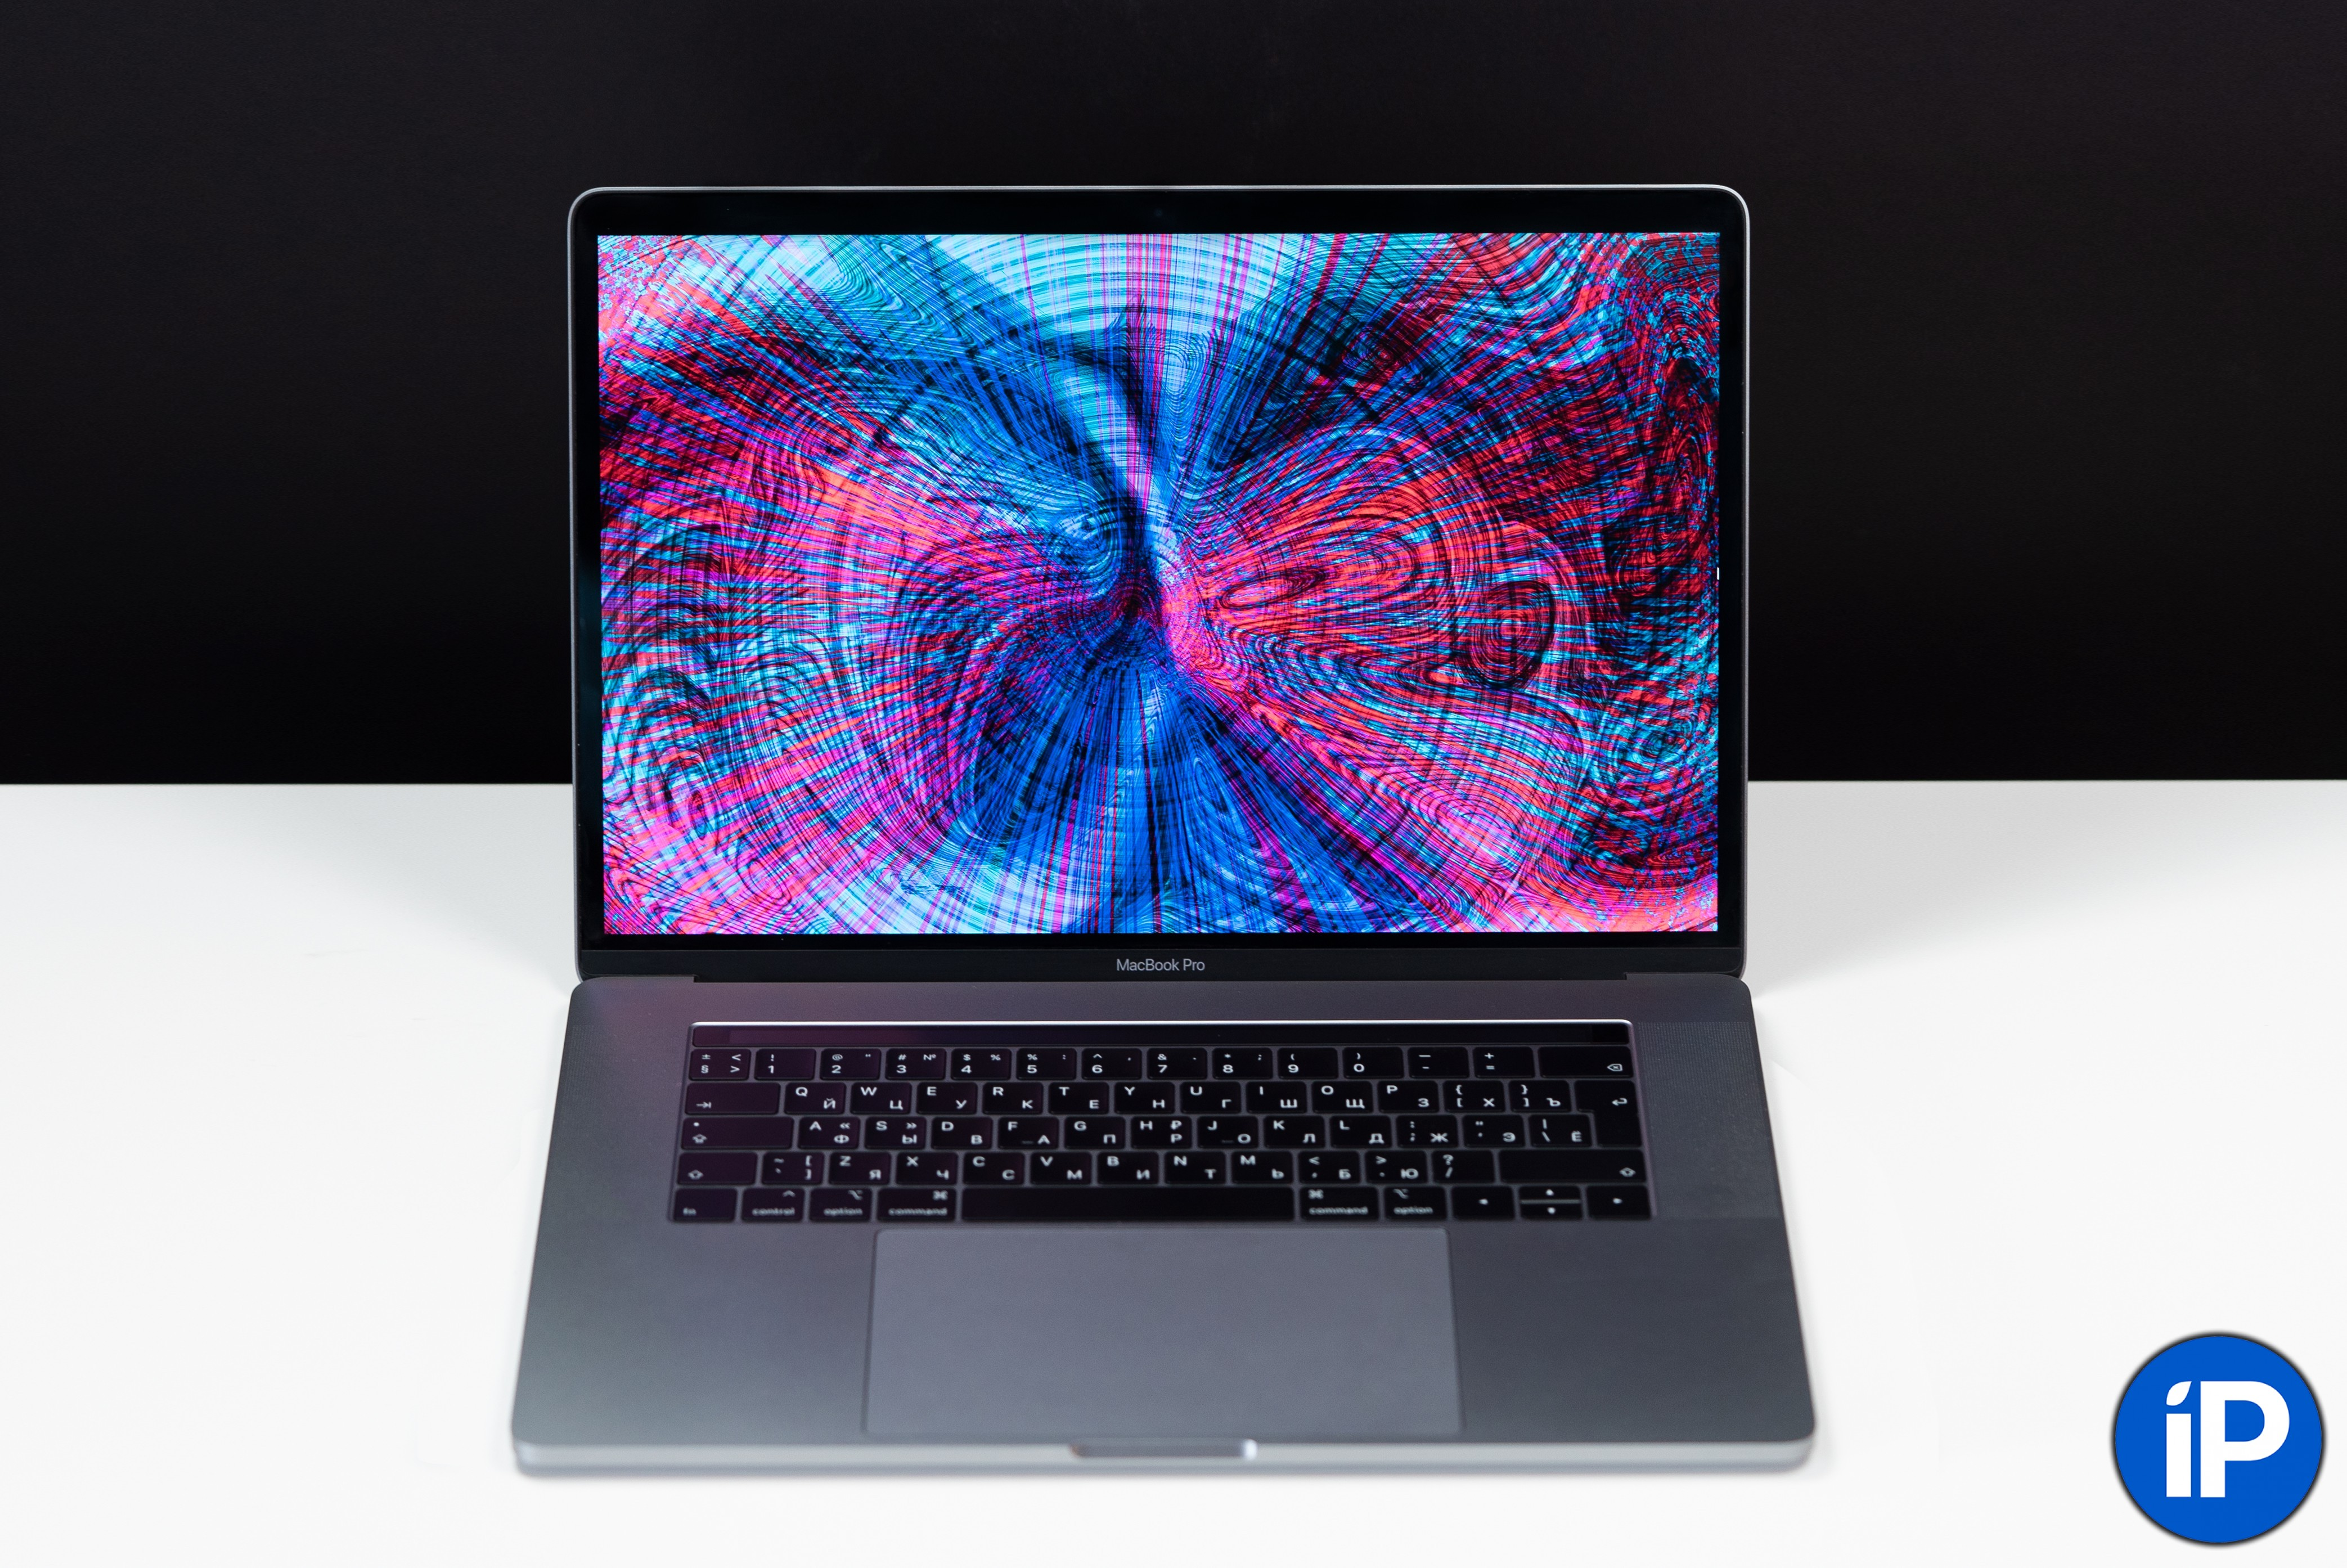 Я купил свой первый MacBook в жизни, ещё и топовый. Впечатления такие